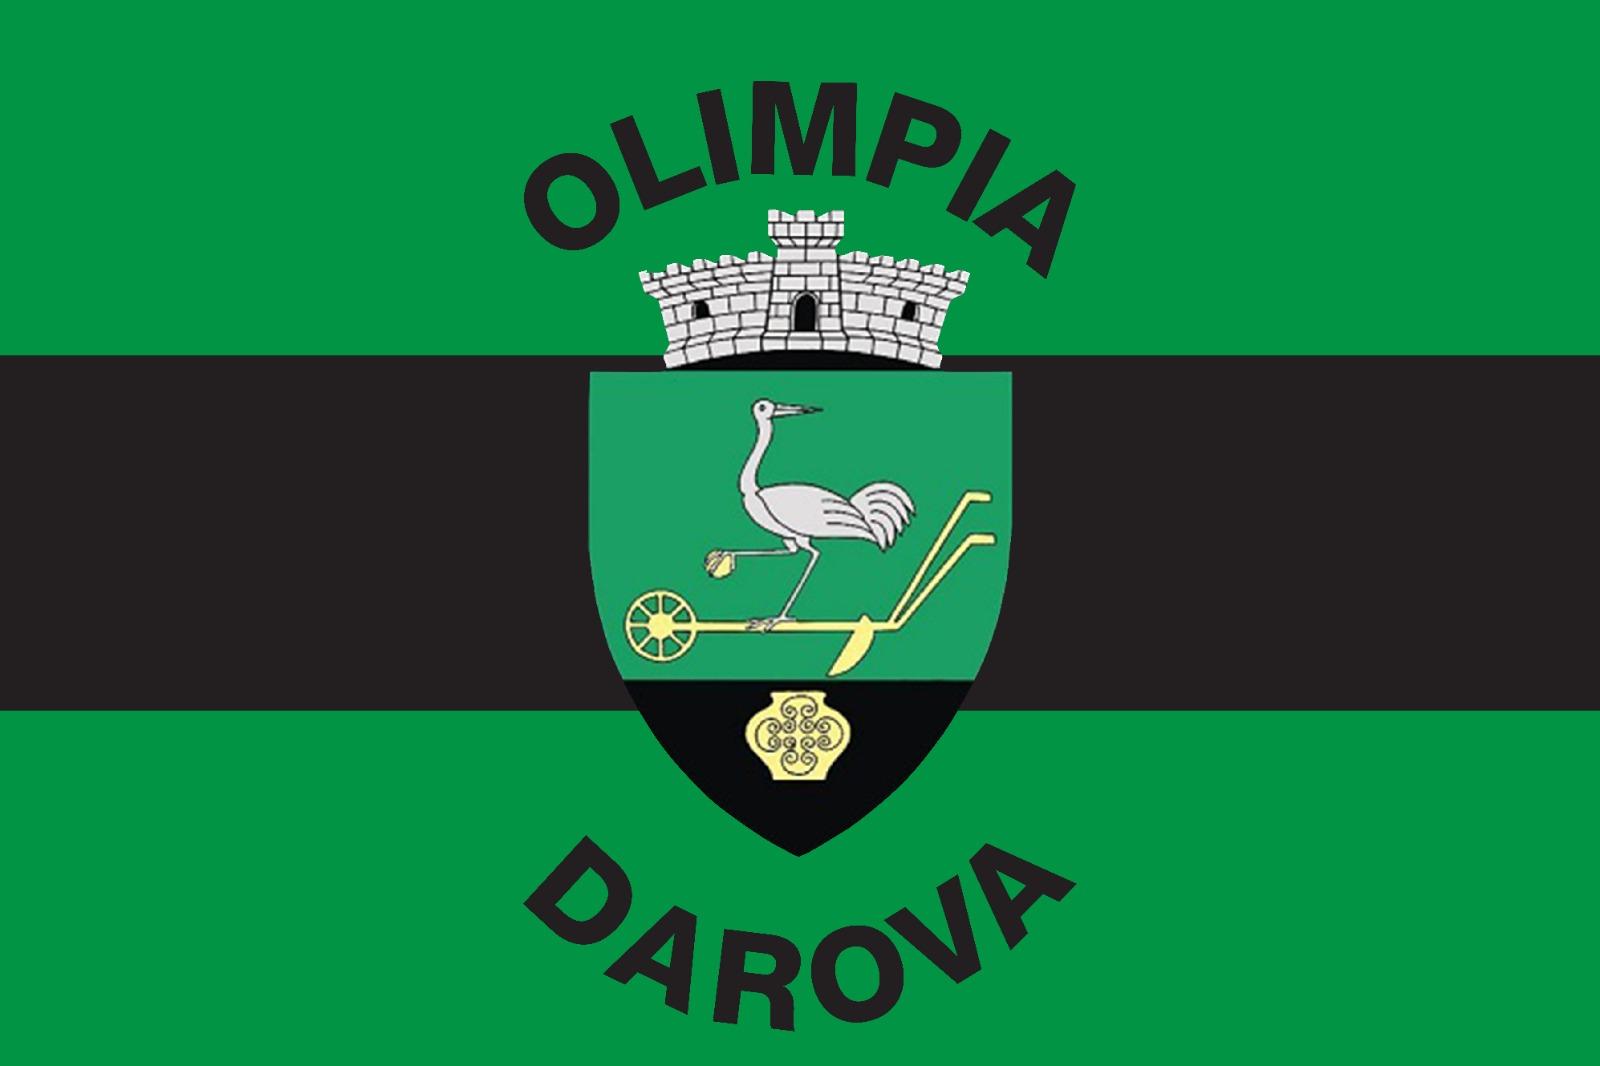 AS OLIMPIA DAROVA